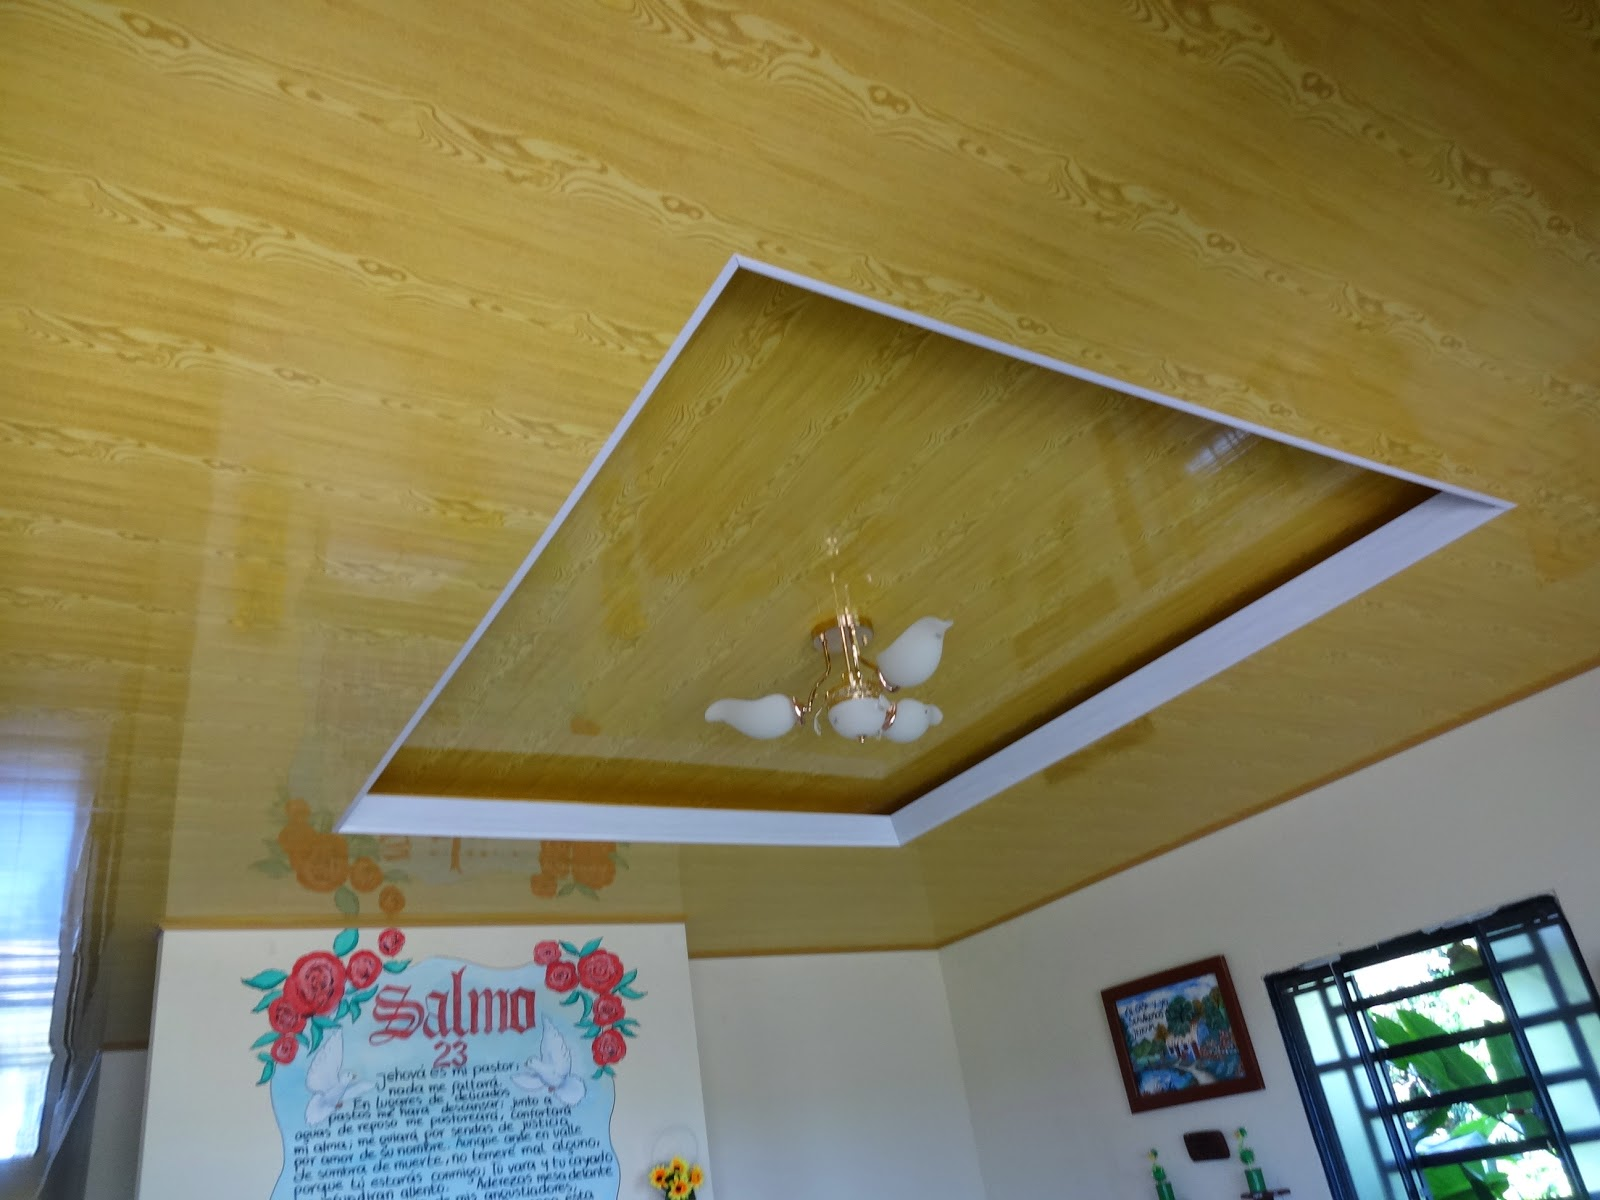 Machimbres del llano pvc cielo rasos julio 2014 for Modelos de cielo raso para salas